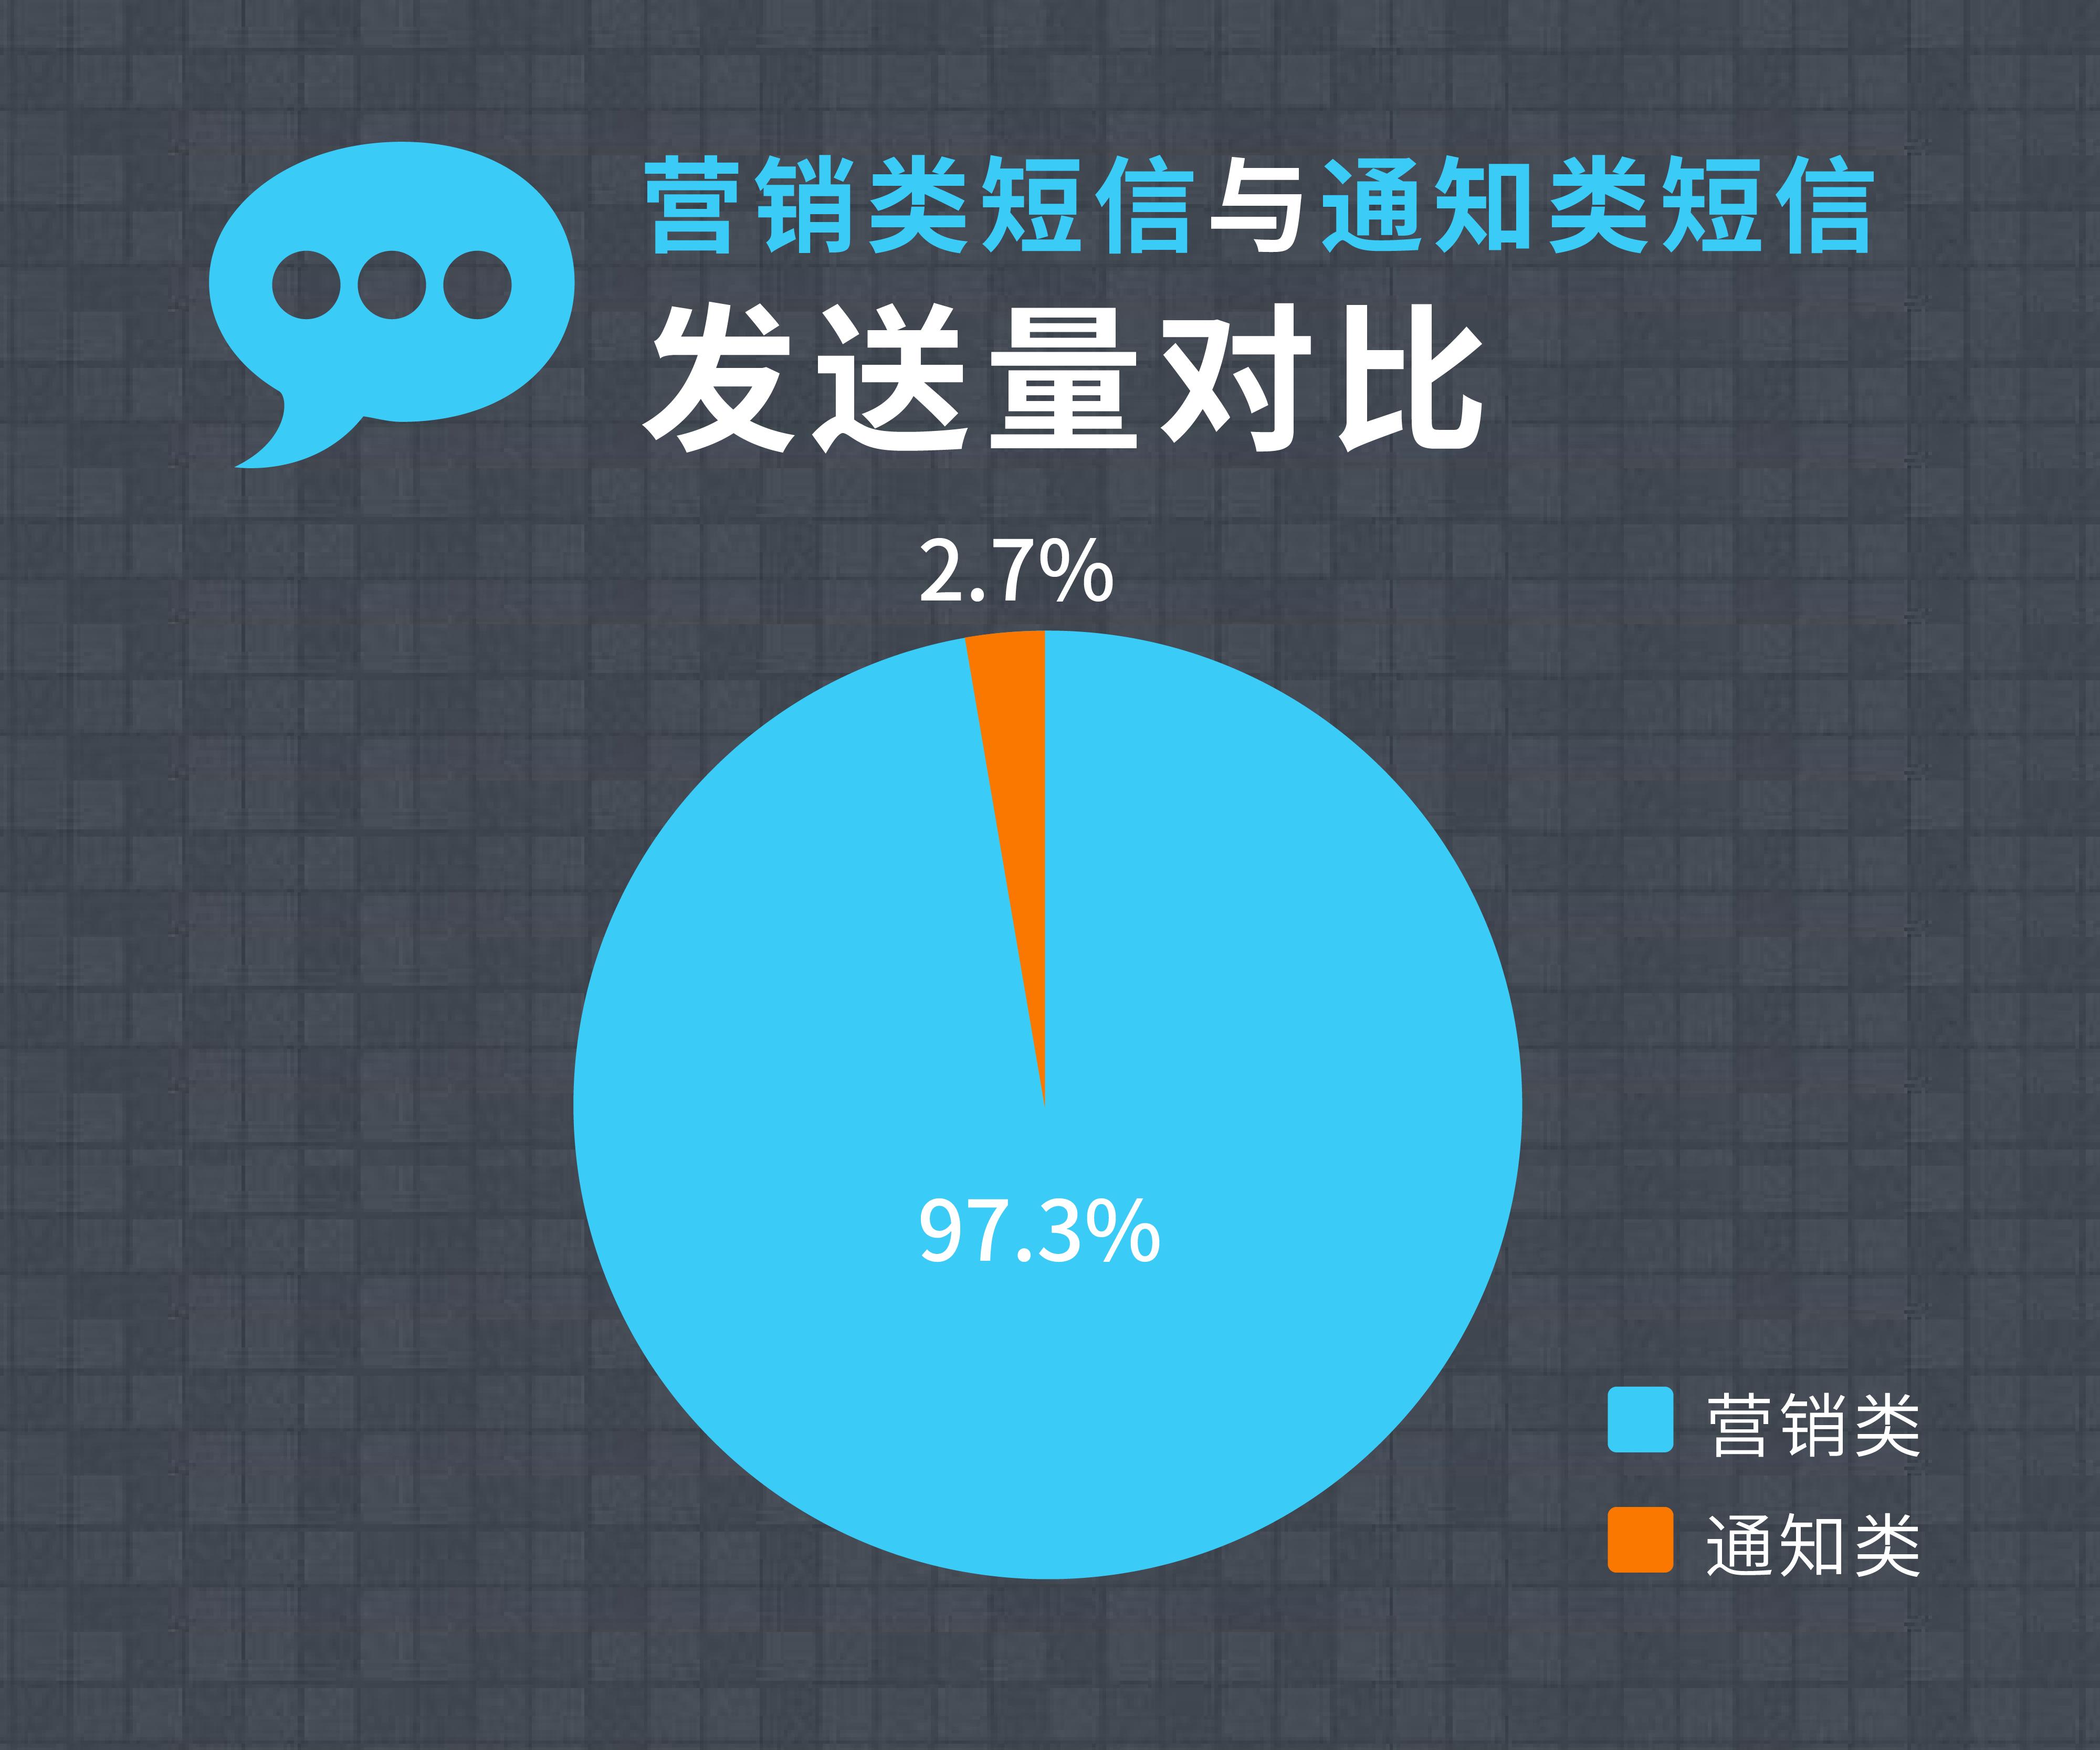 微信双十一短信营销数据图表-03.png